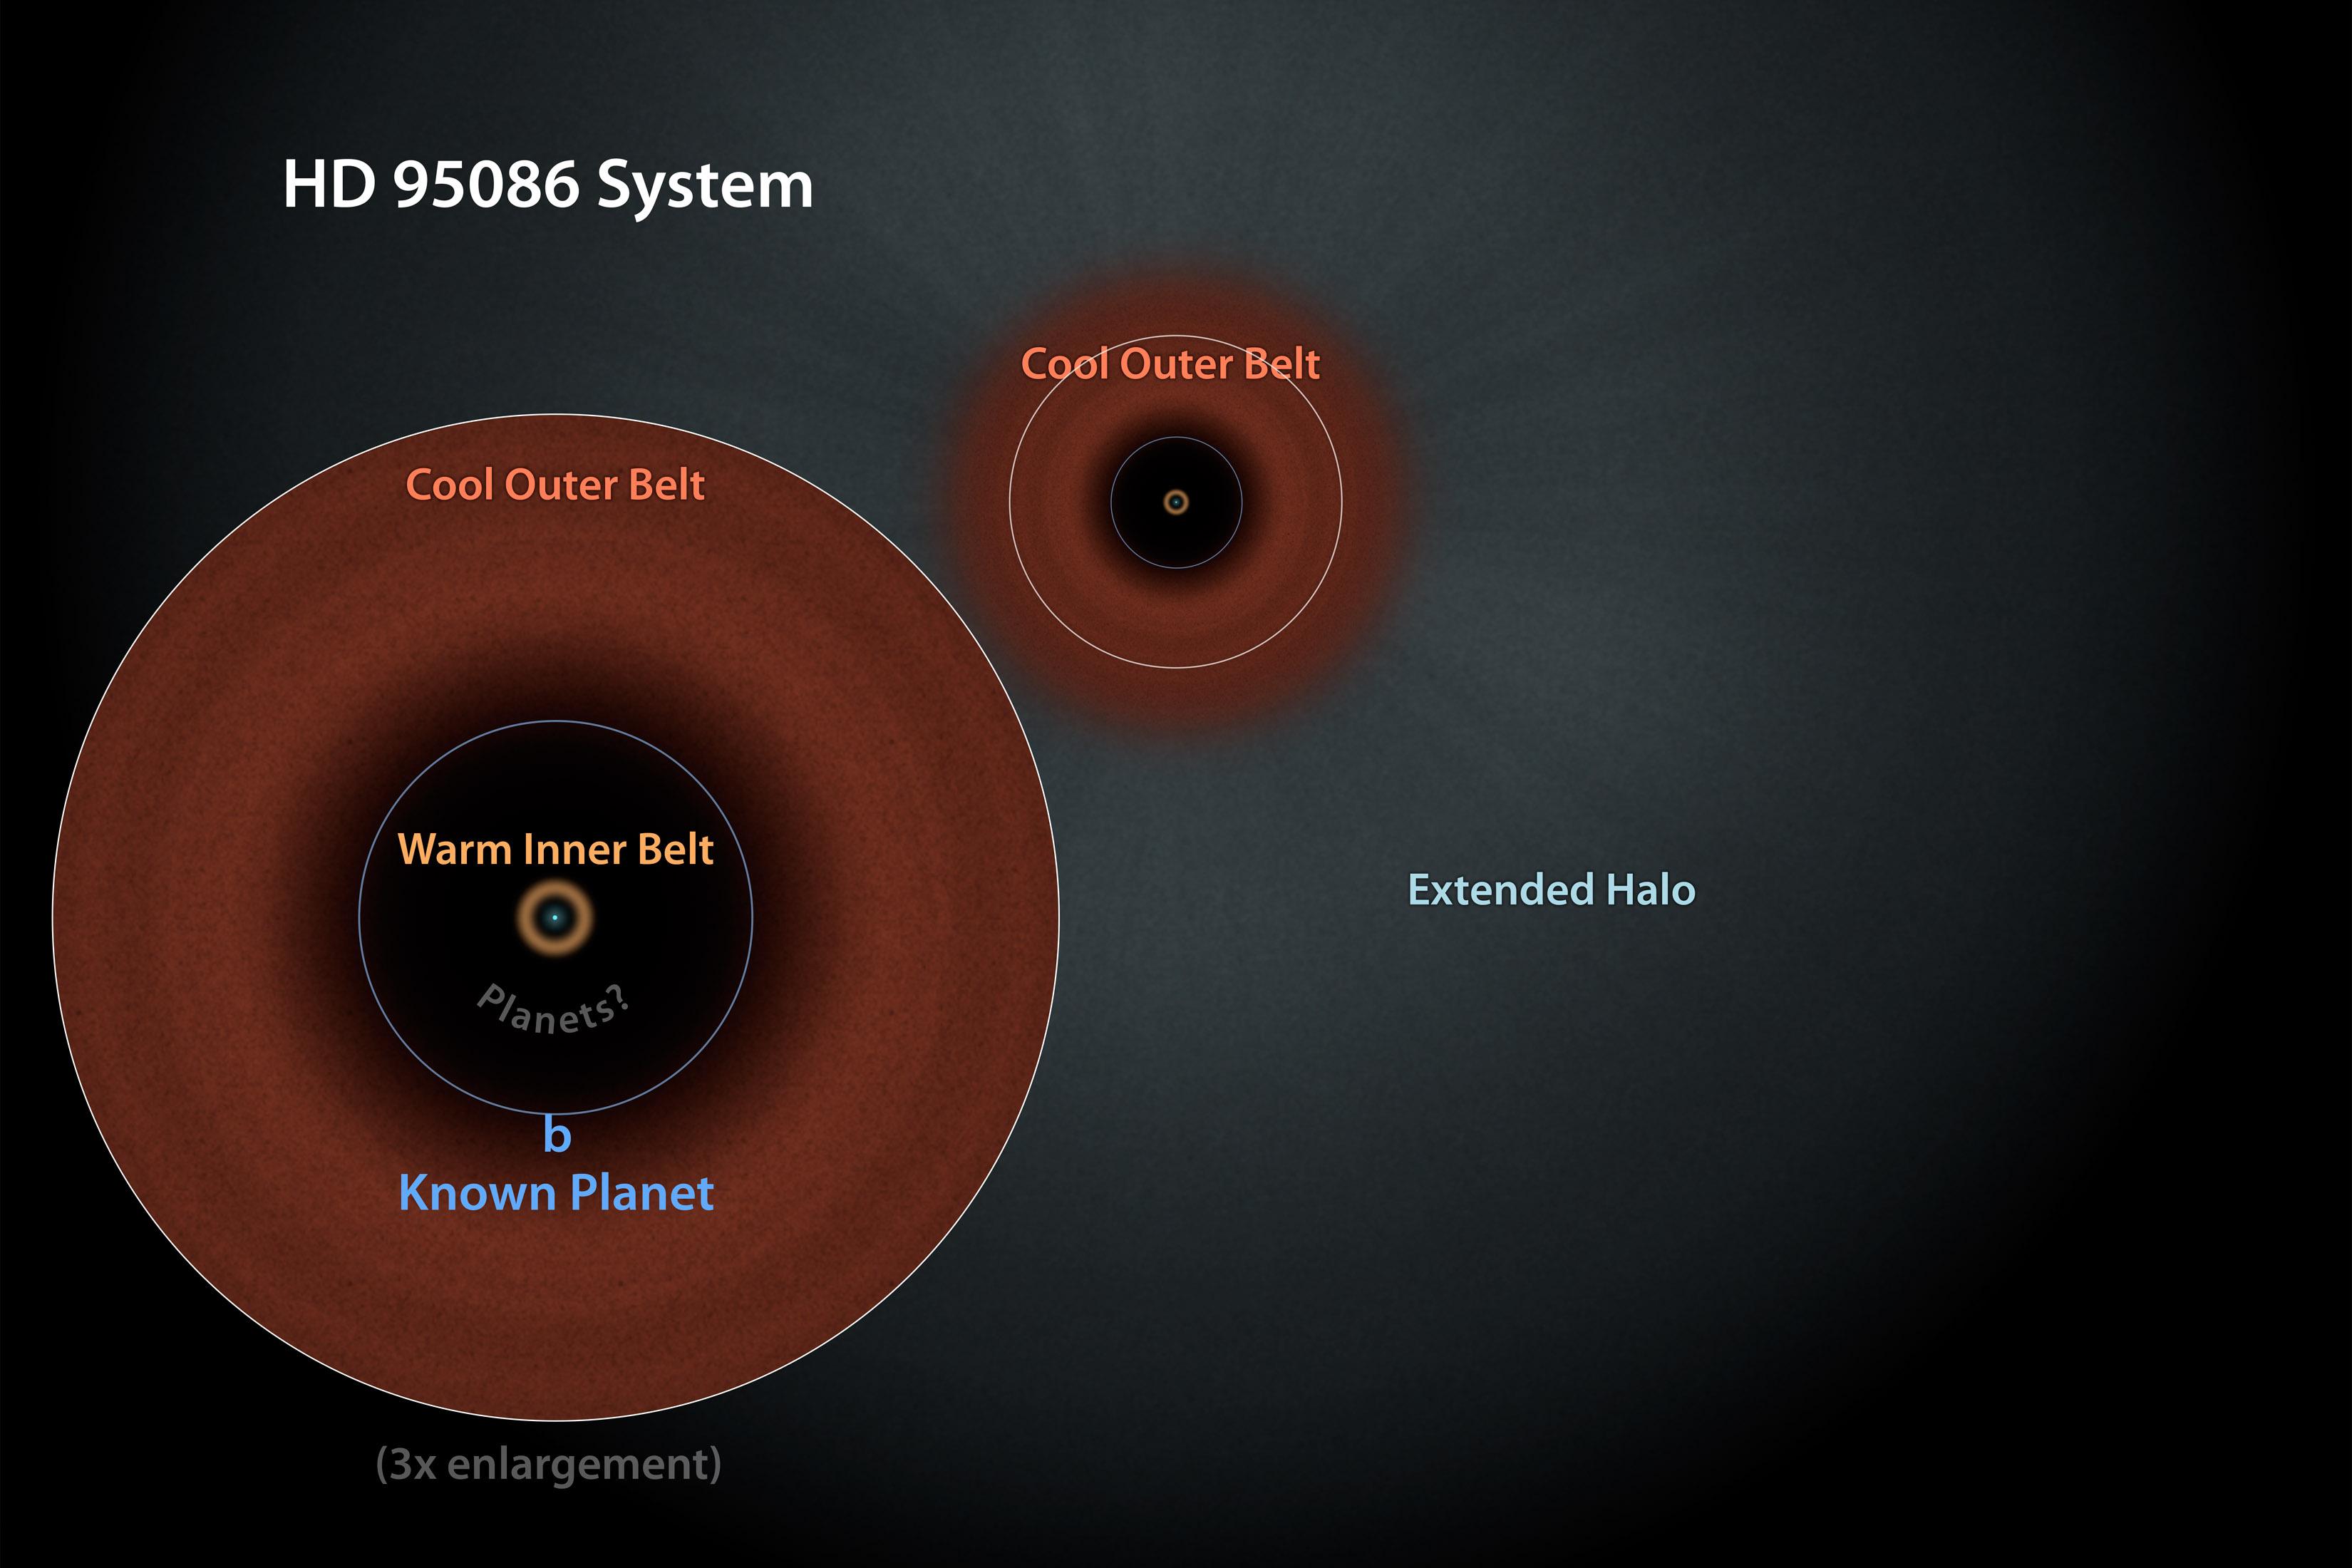 Система HD 95086. Ілюстрація: NASA/JPL-Caltech